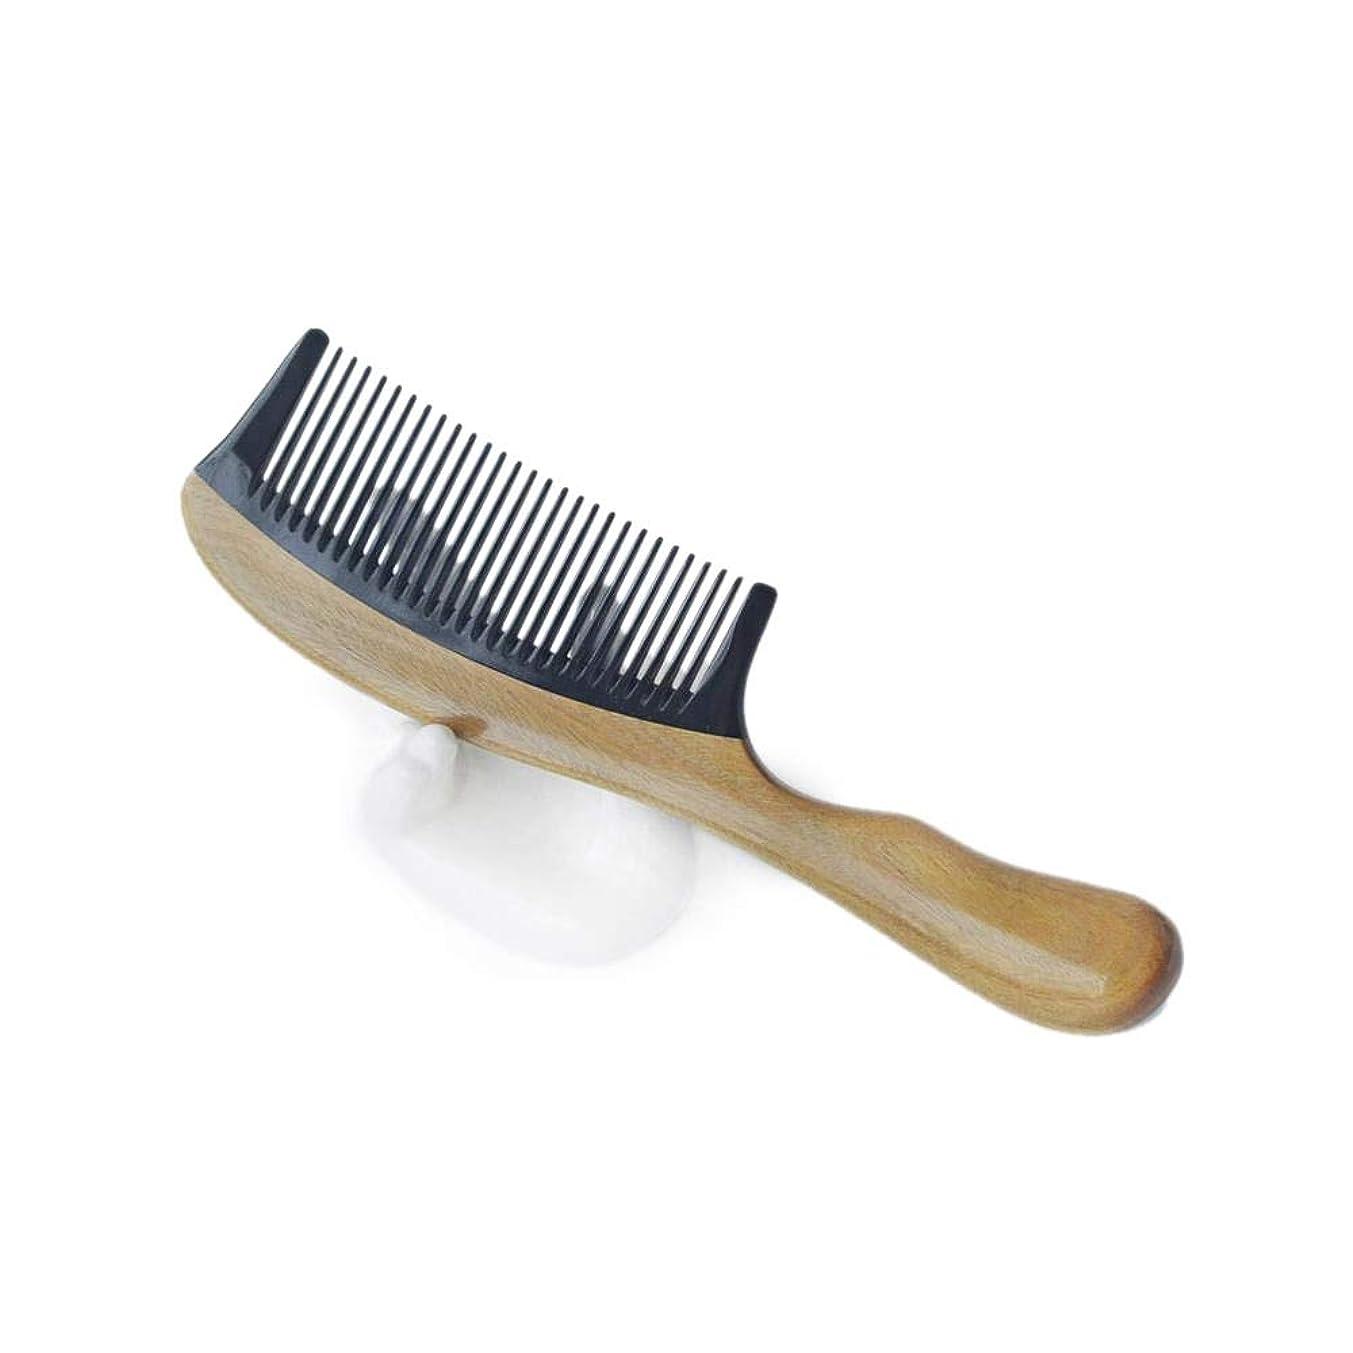 入場料ご意見険しいFashianサンダルウッドくし手作りの木製くし静電防止(ショートハンドル - ワイド歯) ヘアケア